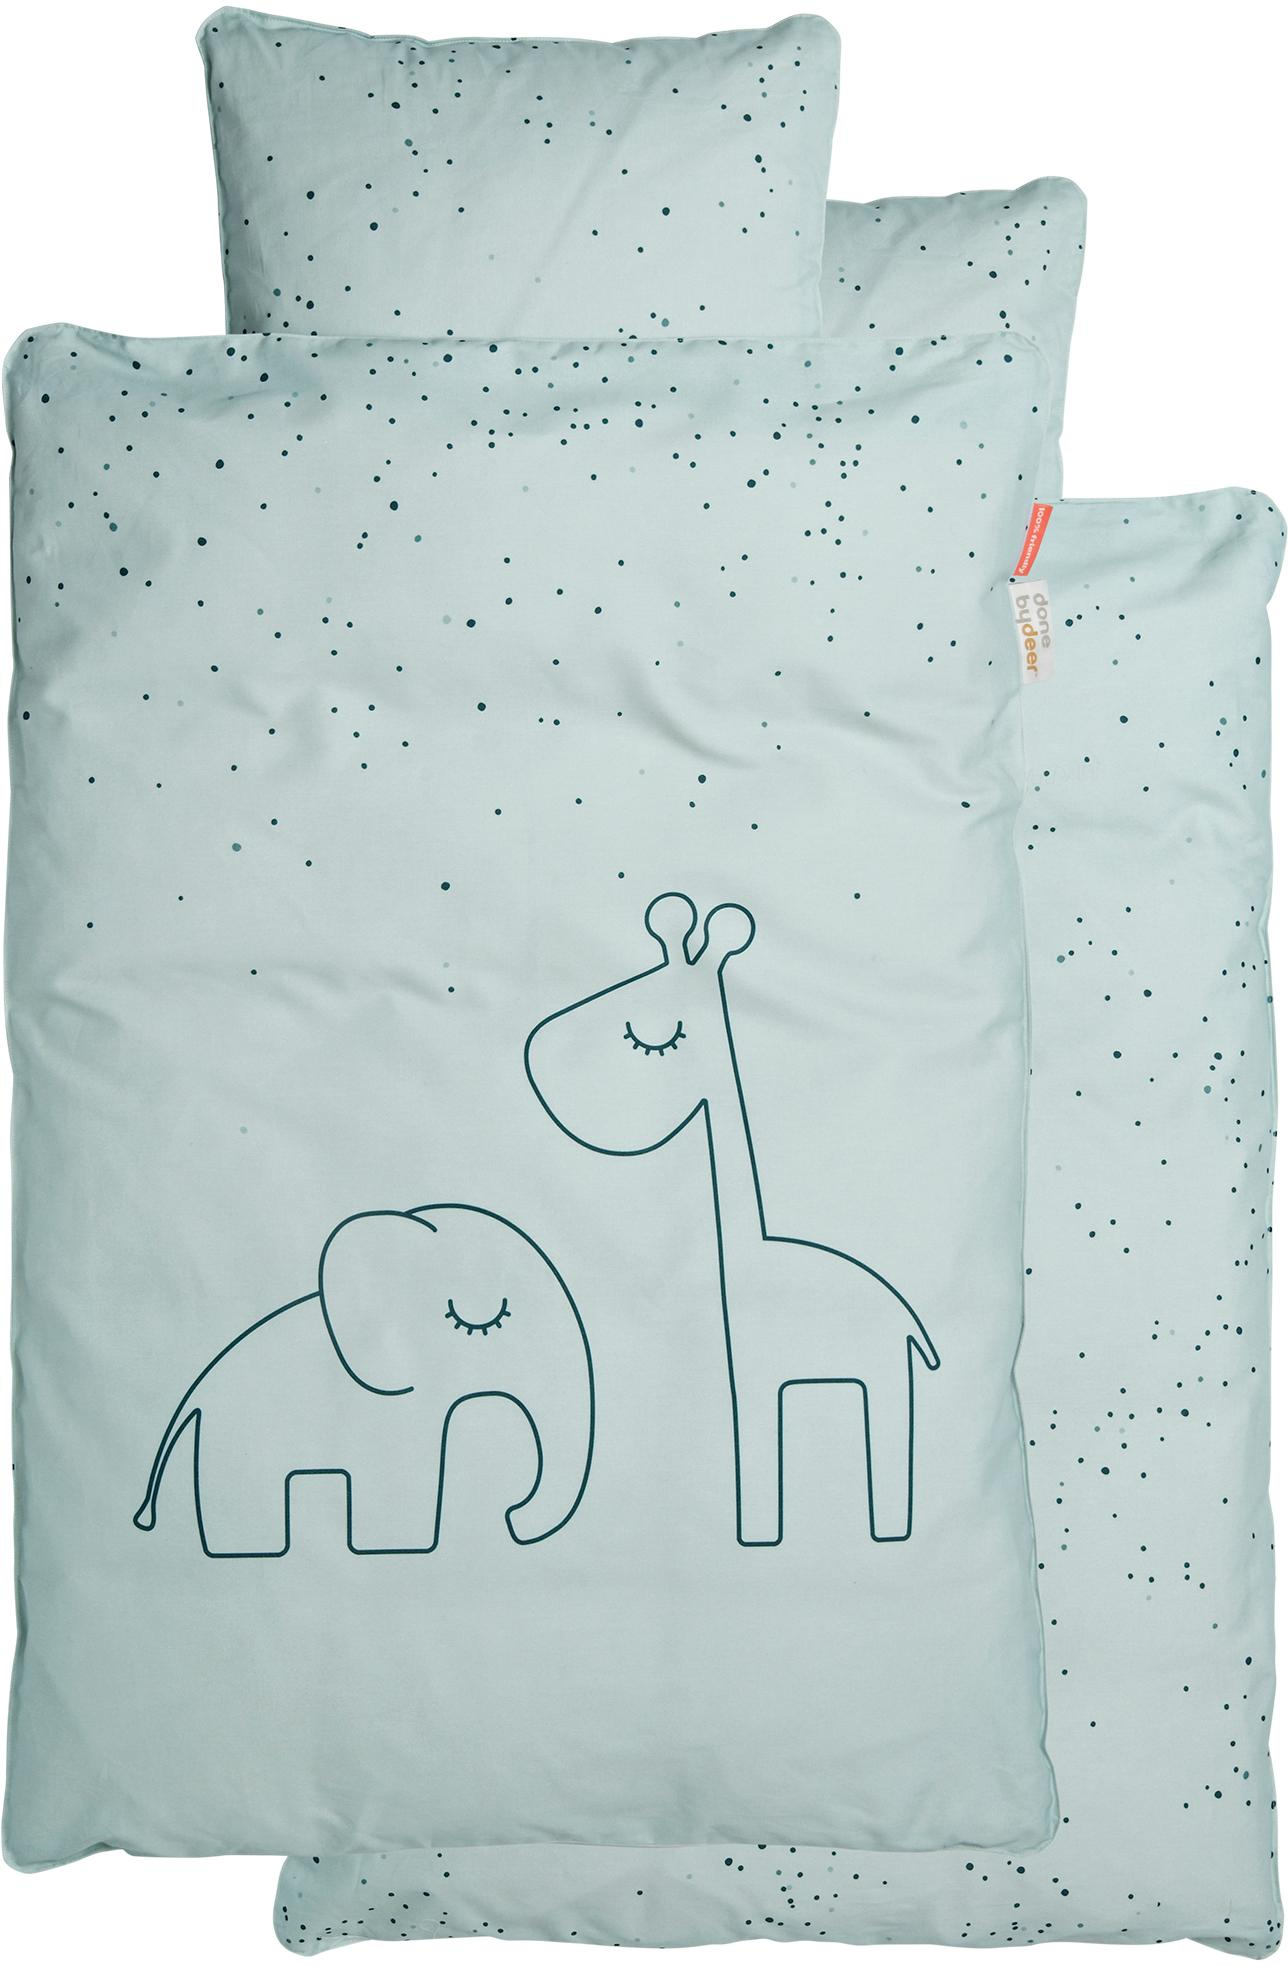 Pościel Dreamy Dots, 100% bawełna, certyfikat Oeko-Tex, Niebieski, 100 x 140 cm + 1 poduszka 40 x 60 cm